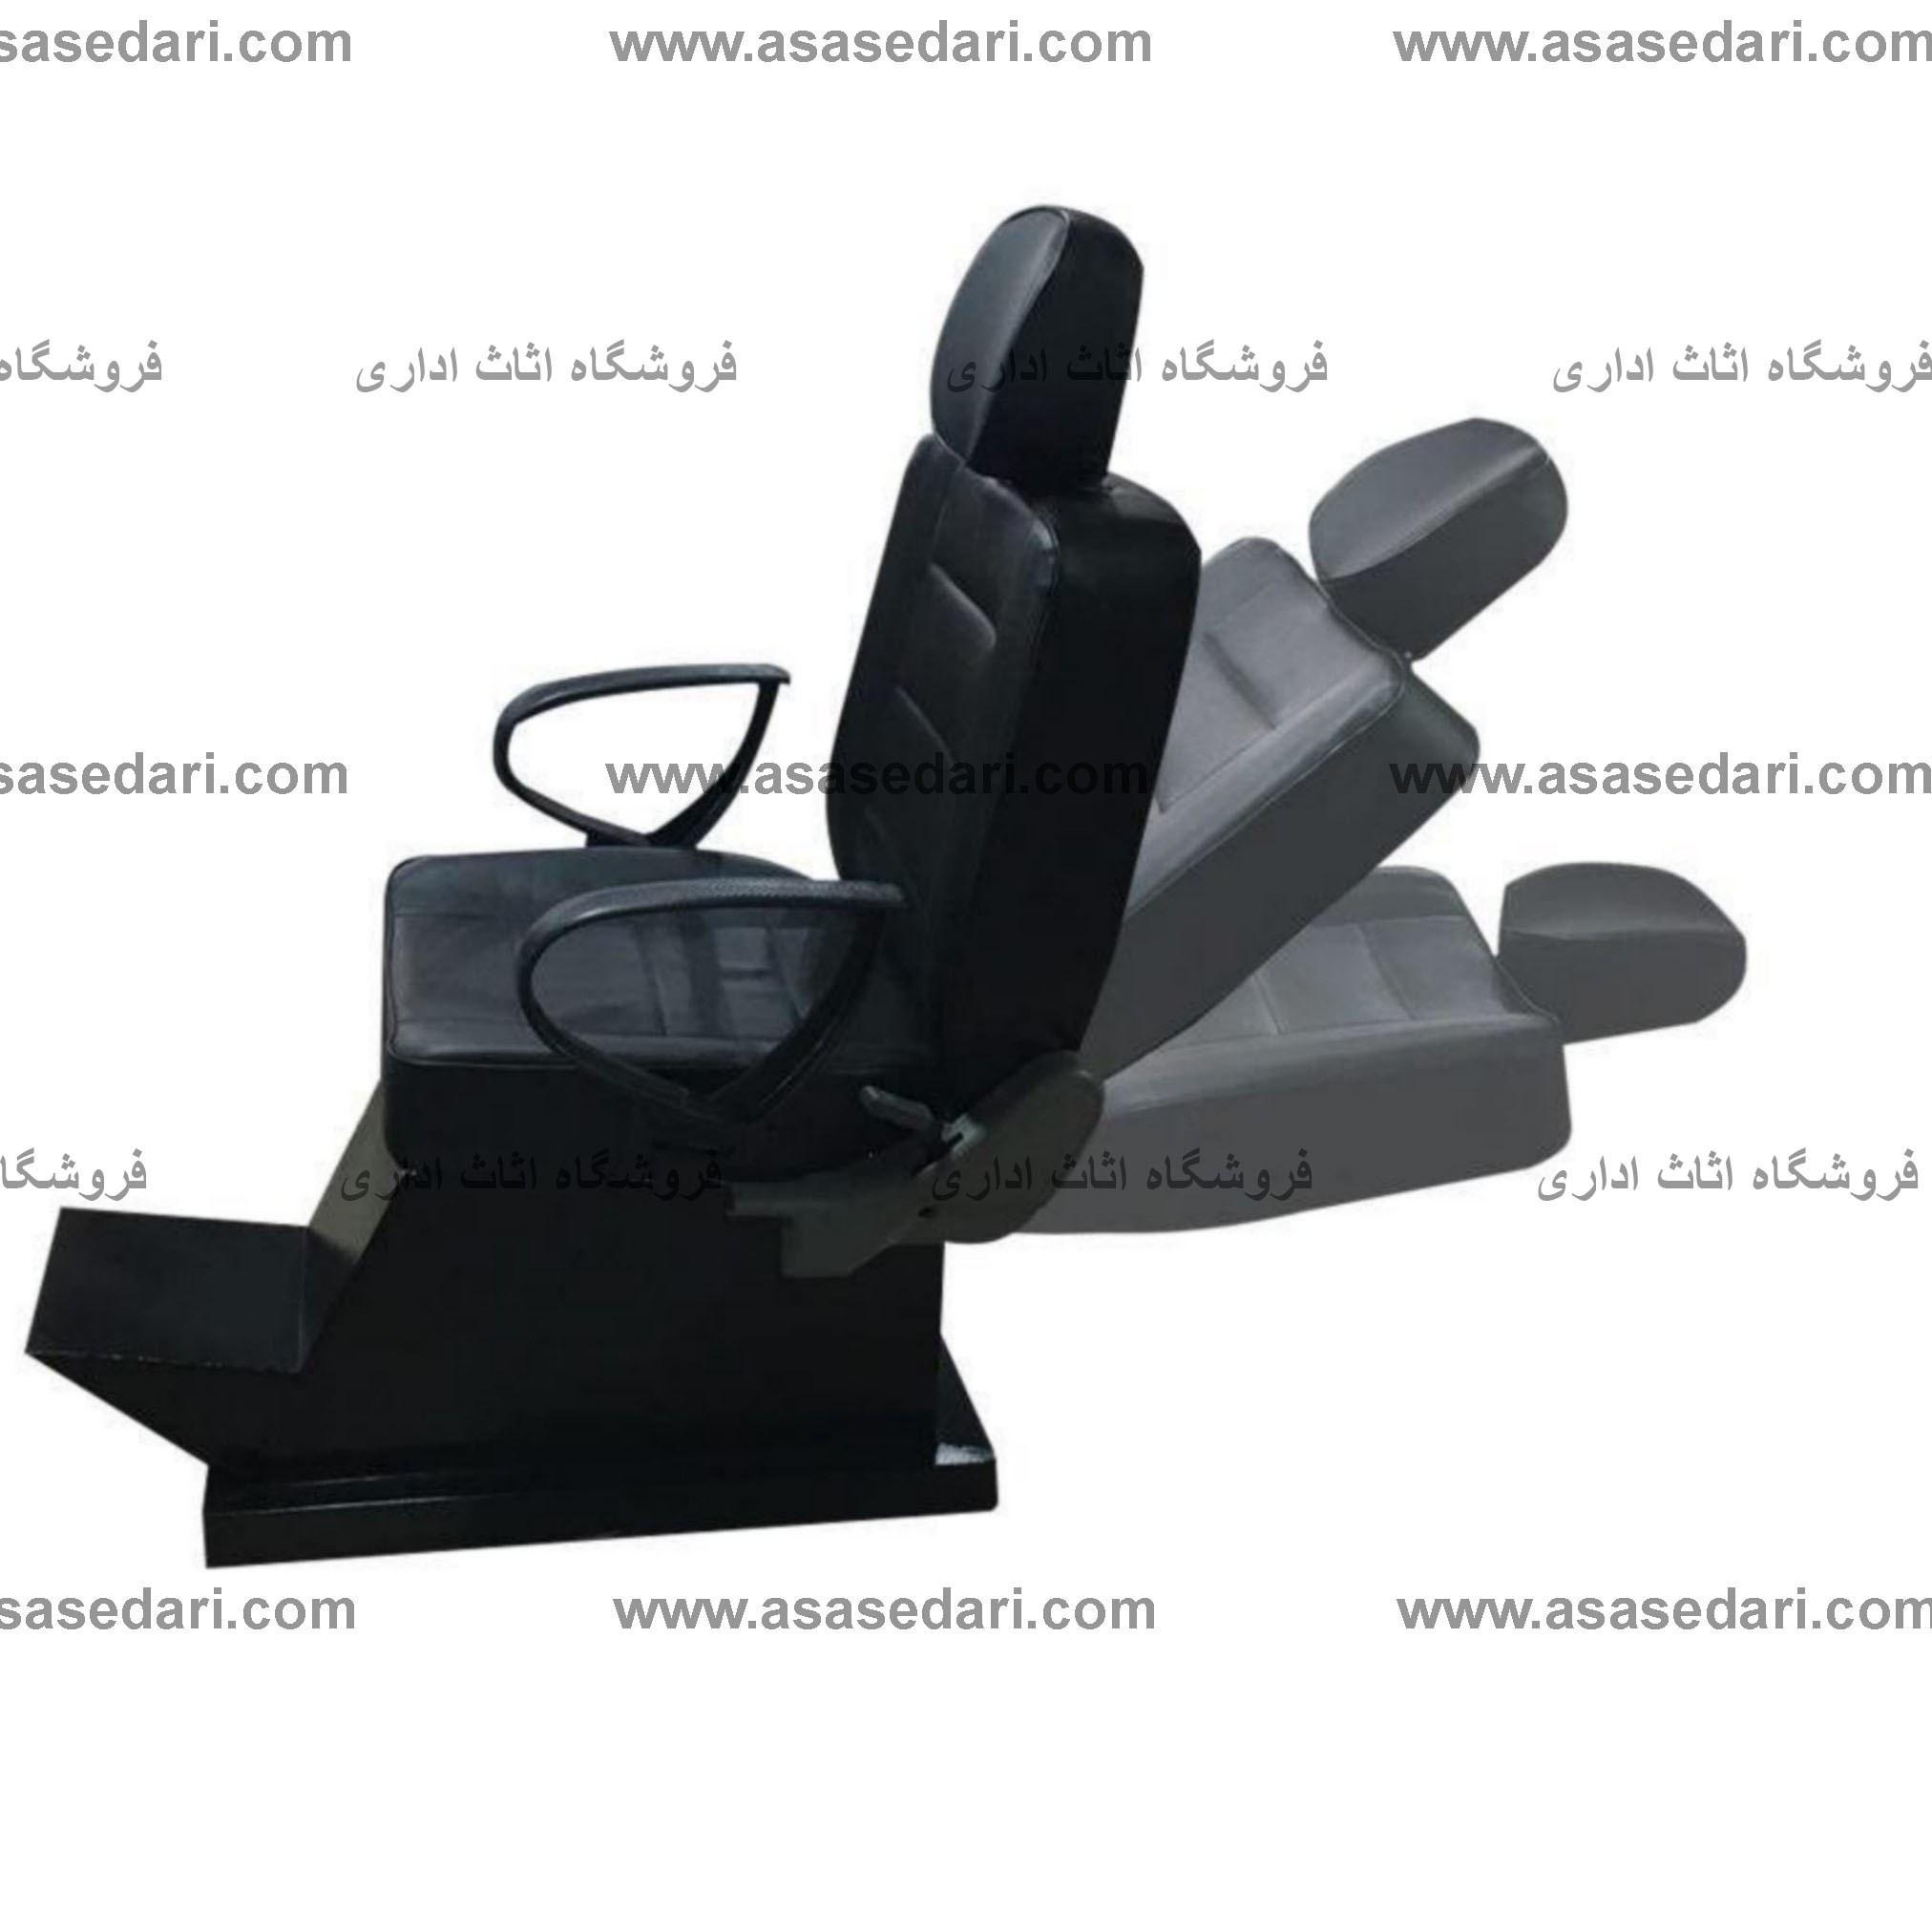 تصویر صندلی آرایشگاهی مردانه طرح برقی